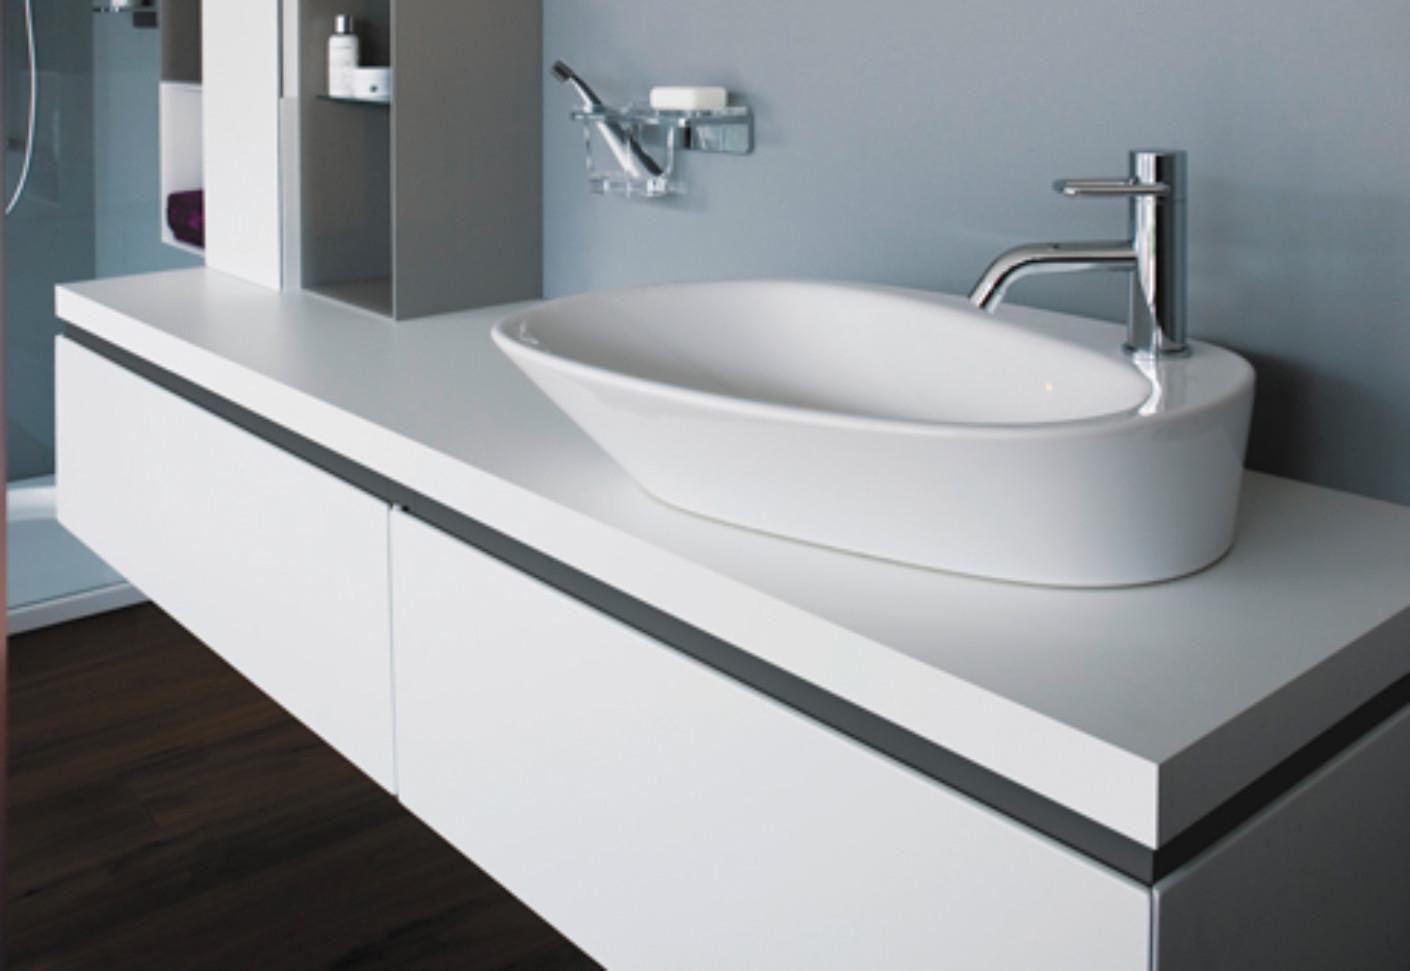 palomba aufsatz waschtisch mit armaturenbank von laufen stylepark. Black Bedroom Furniture Sets. Home Design Ideas